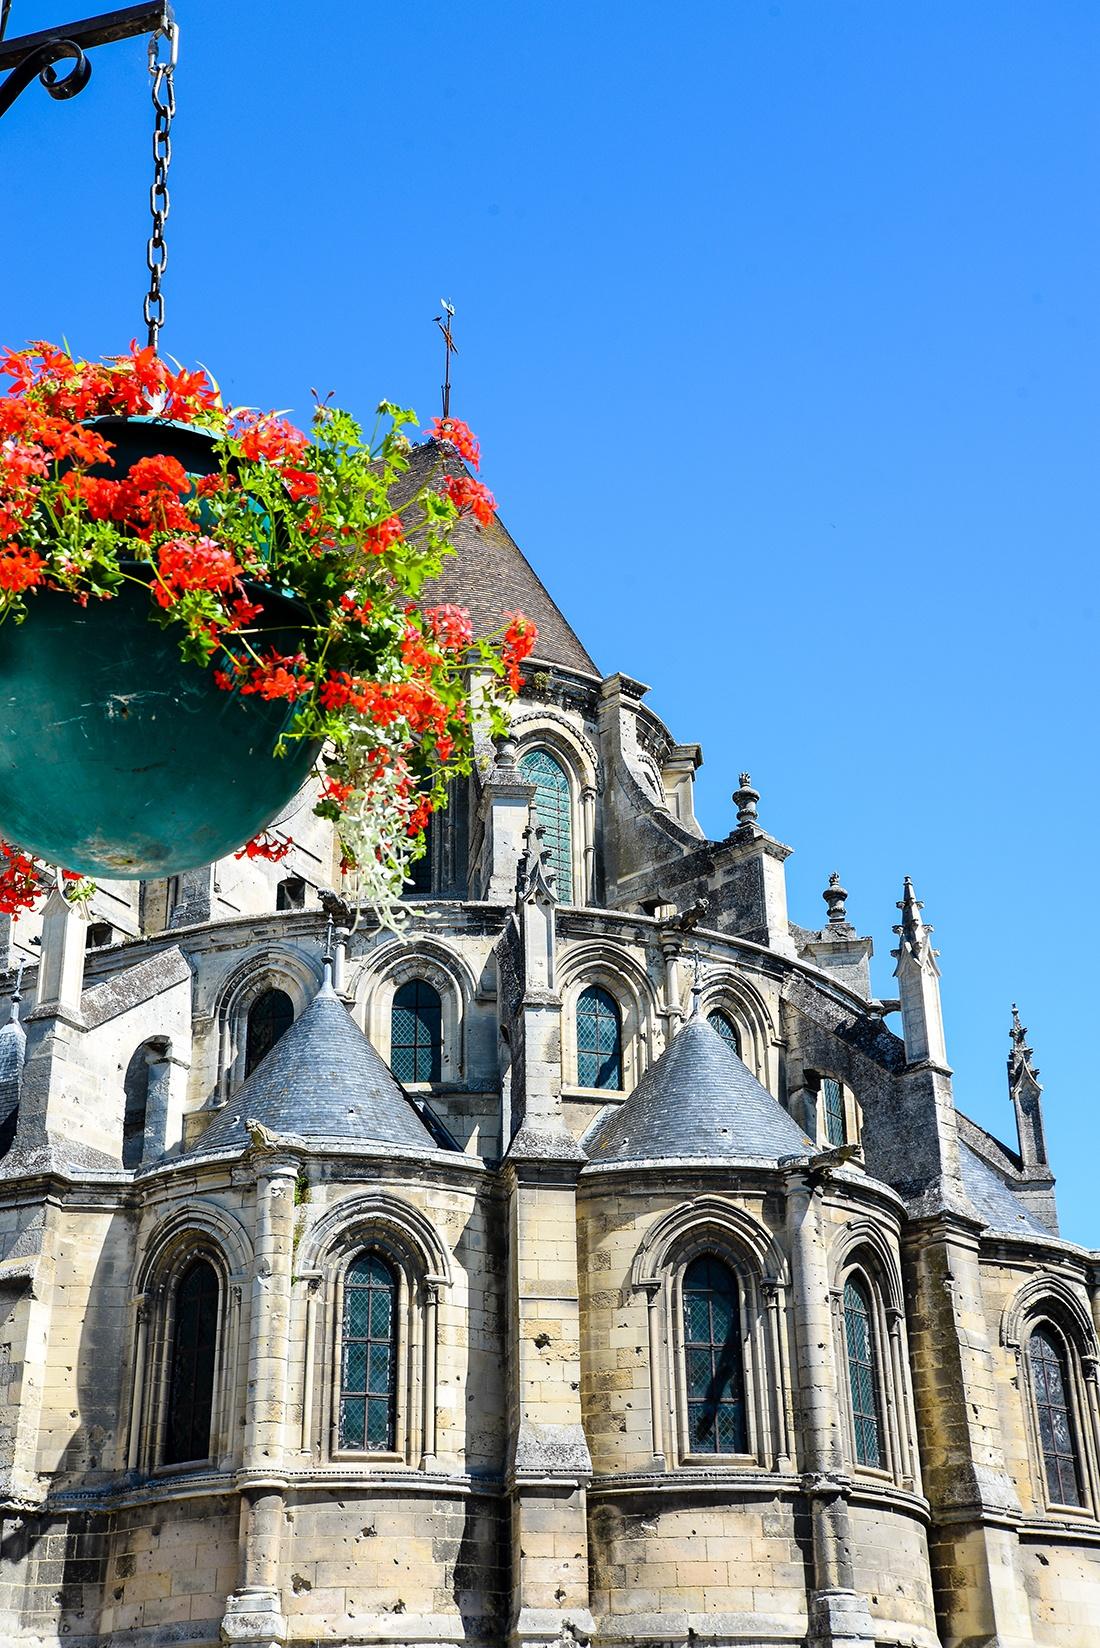 visite de la Cathédrale de Noyon, oise